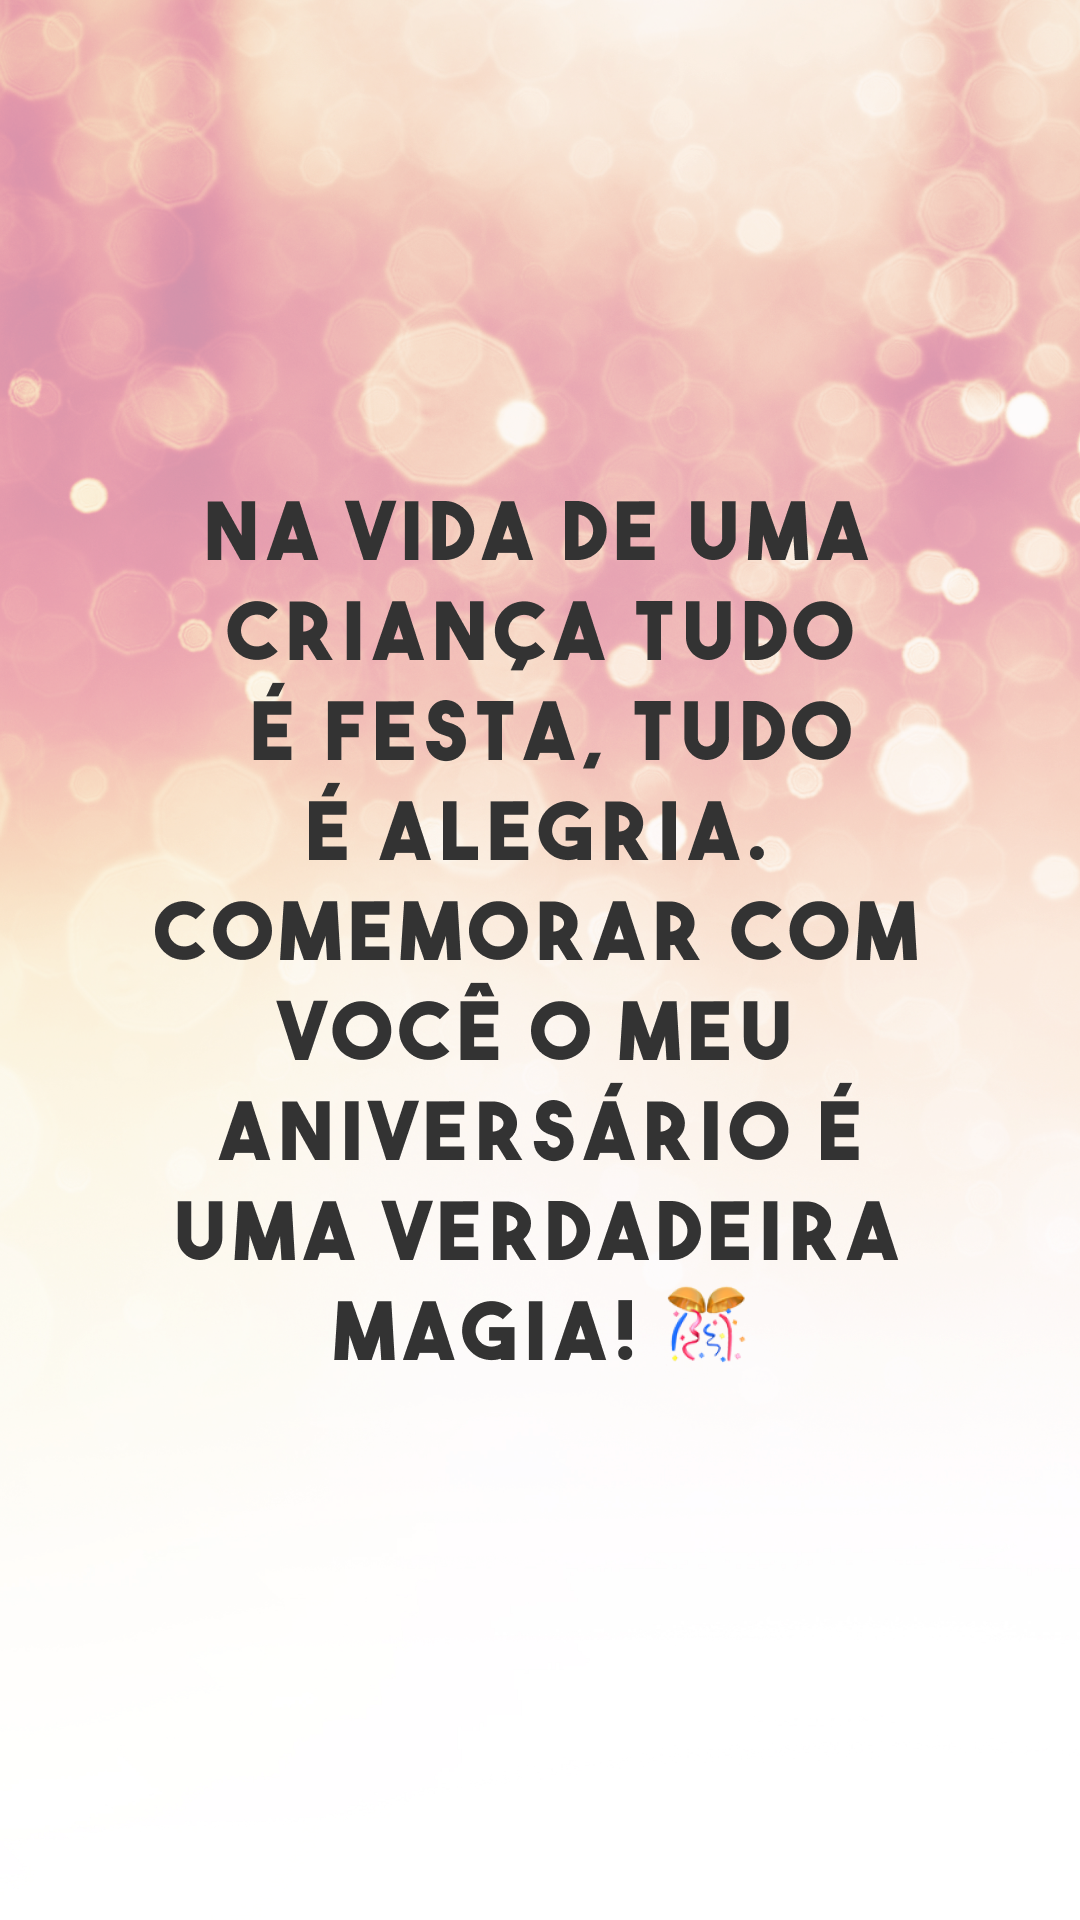 Na vida de uma criança tudo é festa, tudo é alegria. Comemorar com você o meu aniversário é uma verdadeira magia! 🎊